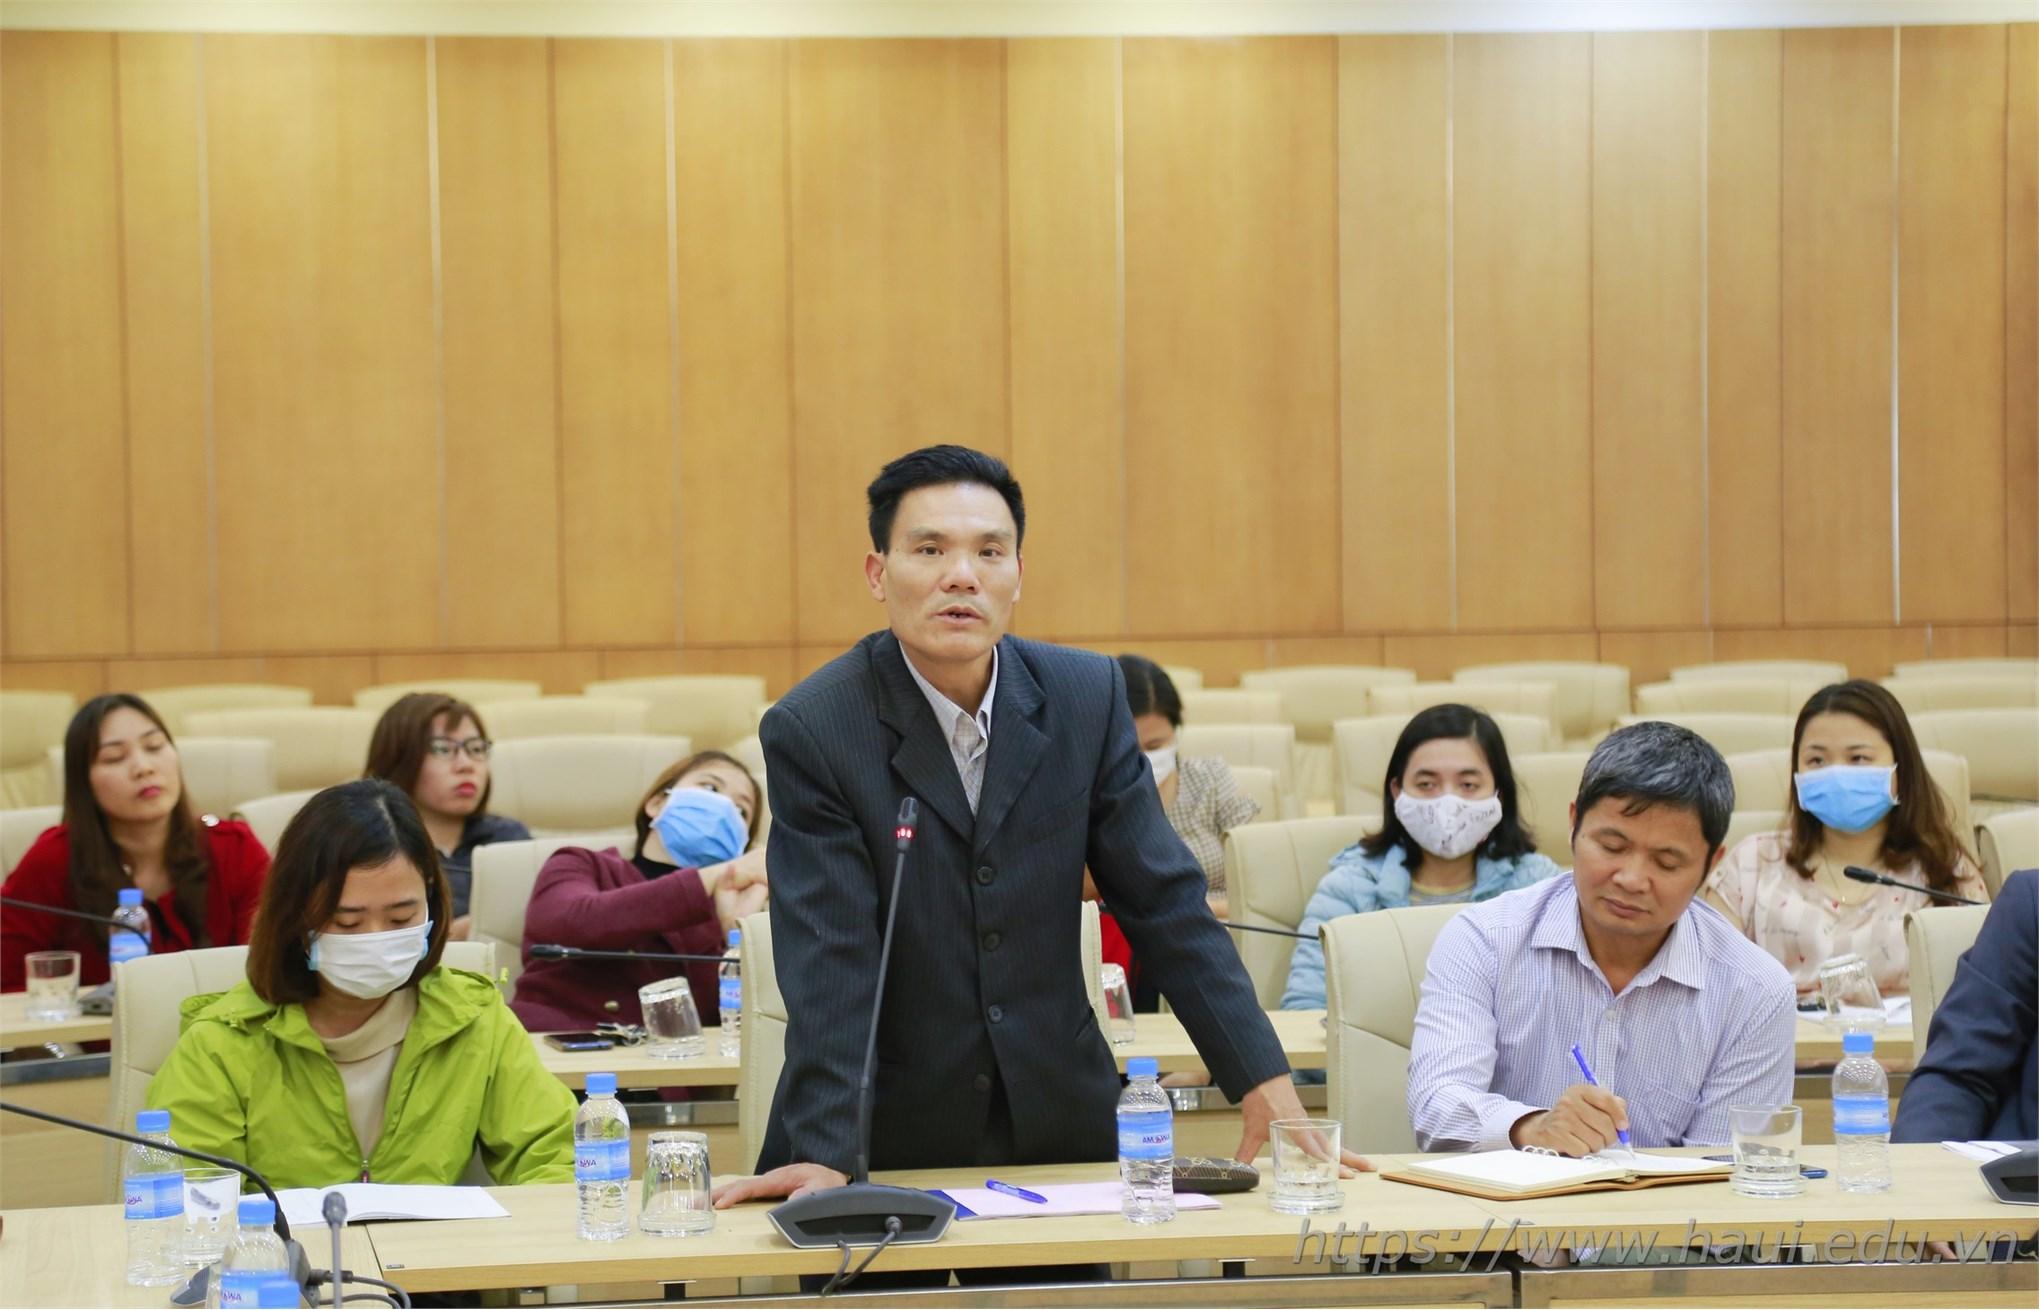 Đại học Công nghiệp Hà Nội tập huấn về công tác phòng, chống dịch bệnh COVID-19 cho cán bộ, giảng viên và nhân viên Nhà trường